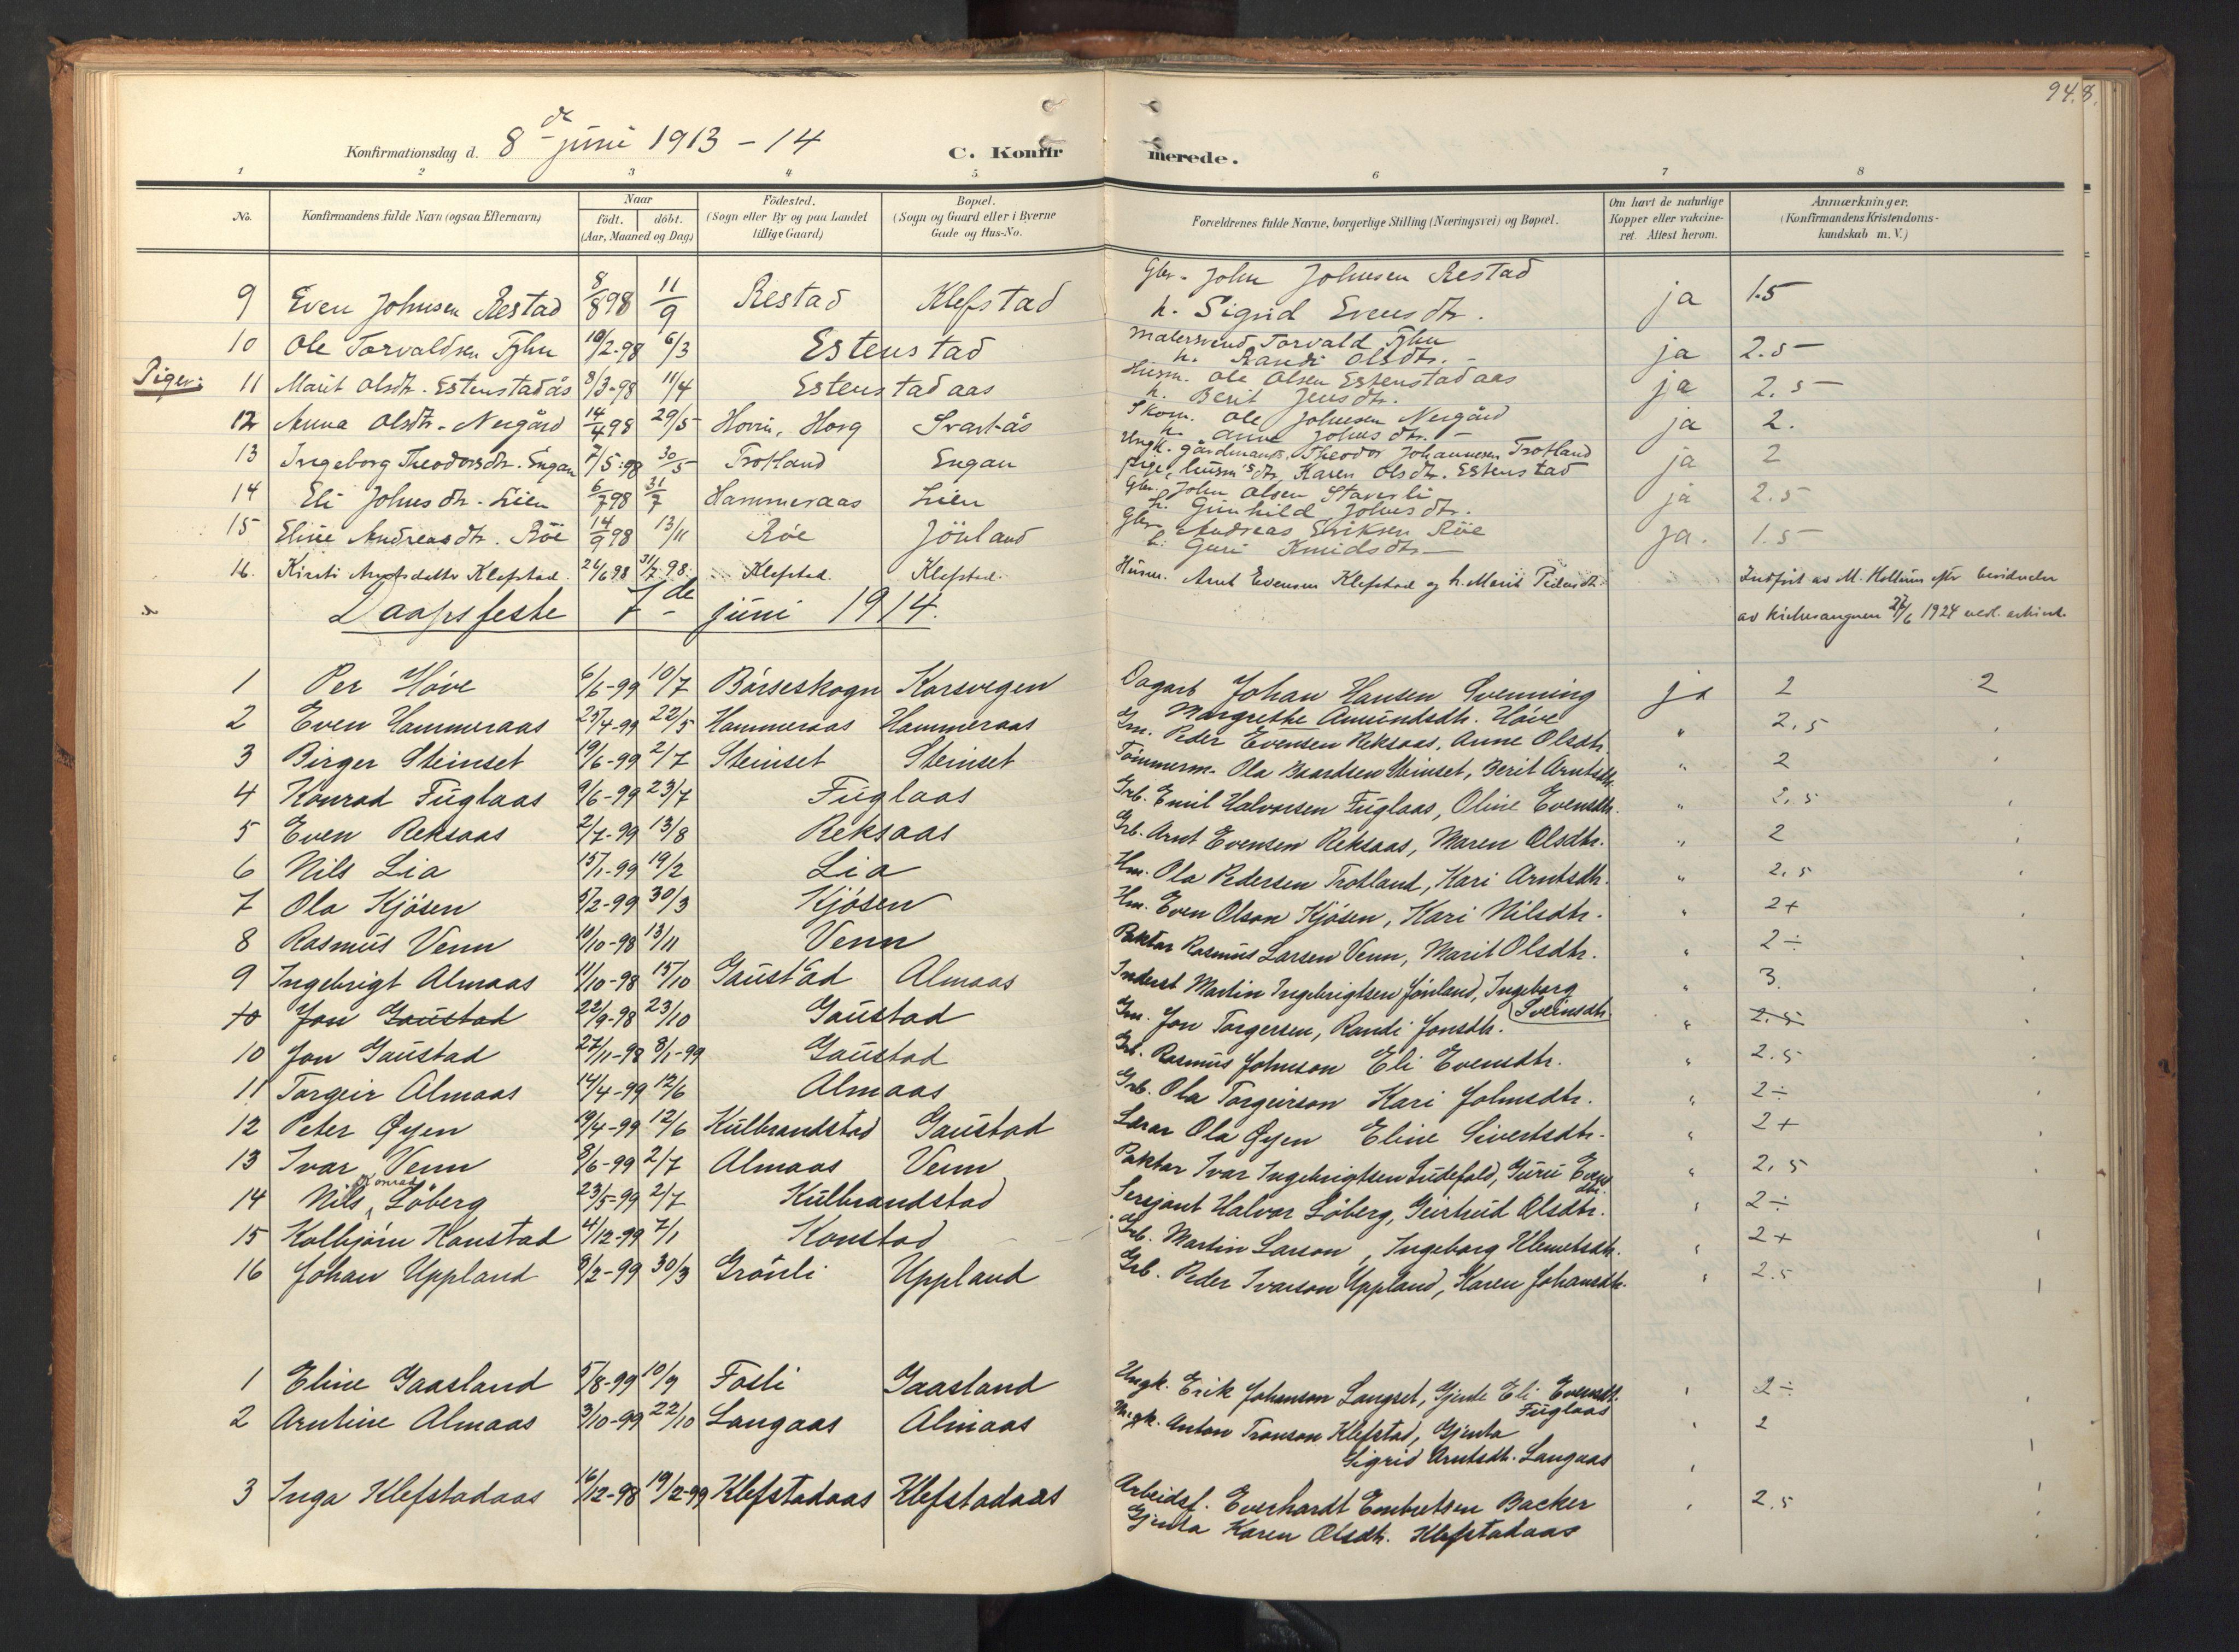 SAT, Ministerialprotokoller, klokkerbøker og fødselsregistre - Sør-Trøndelag, 694/L1128: Ministerialbok nr. 694A02, 1906-1931, s. 94